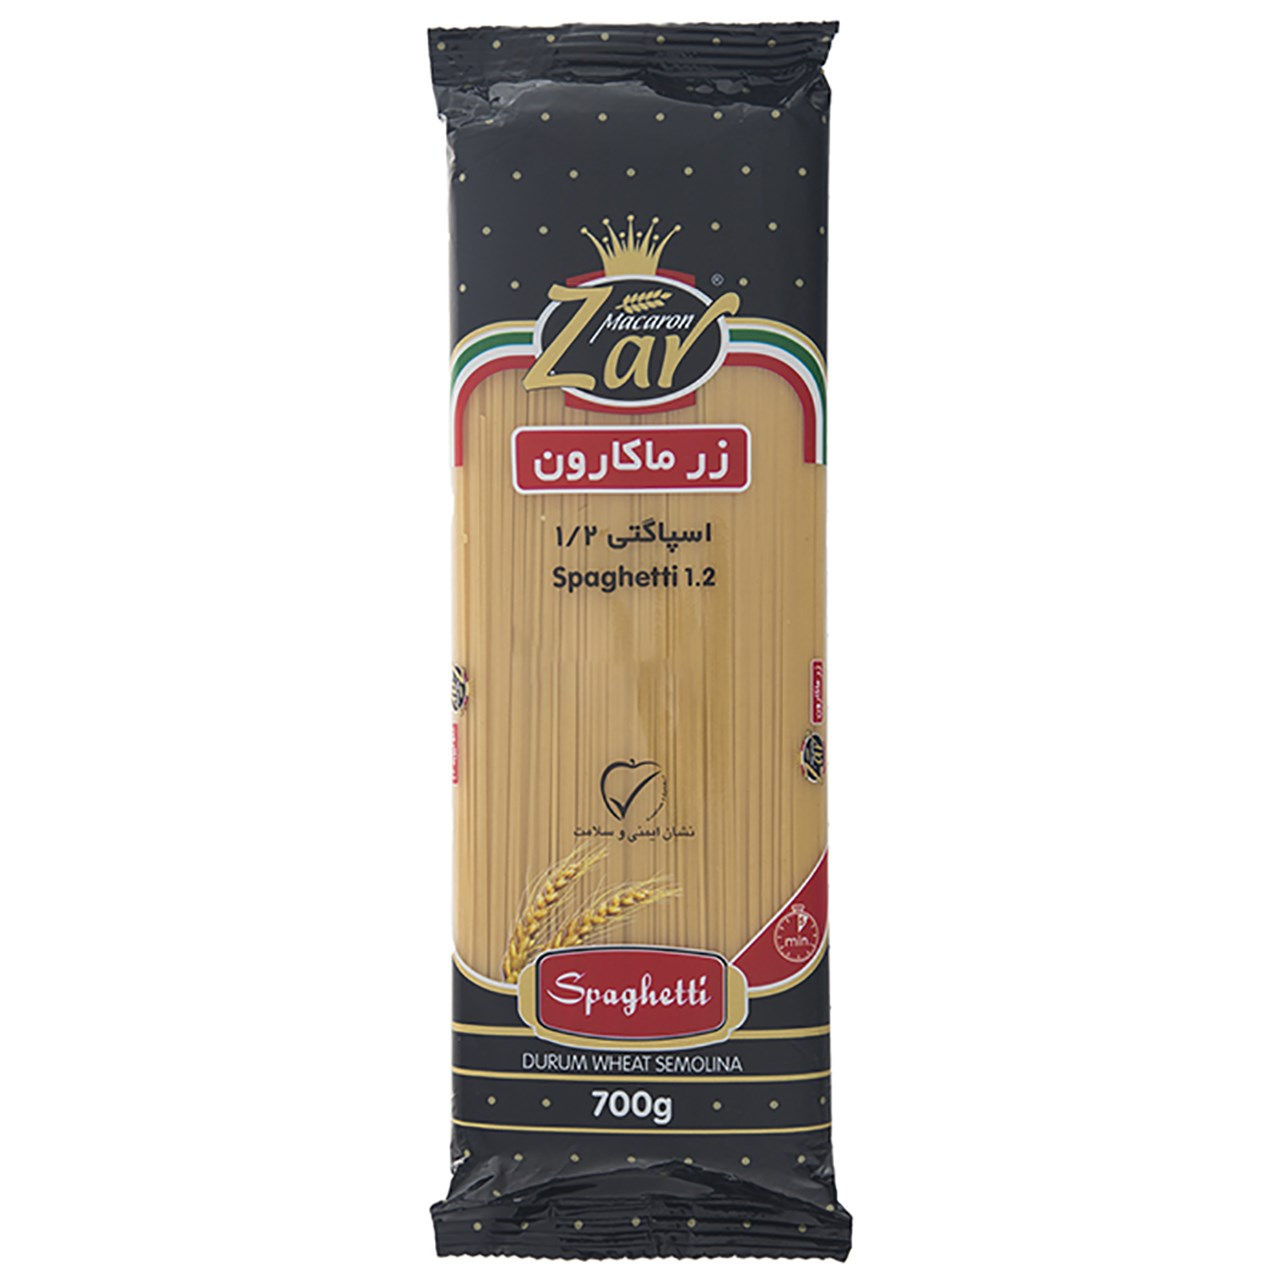 اسپاگتی قطر ۱٫۲ زر ماکارون مقدار ۷۰۰ گرم